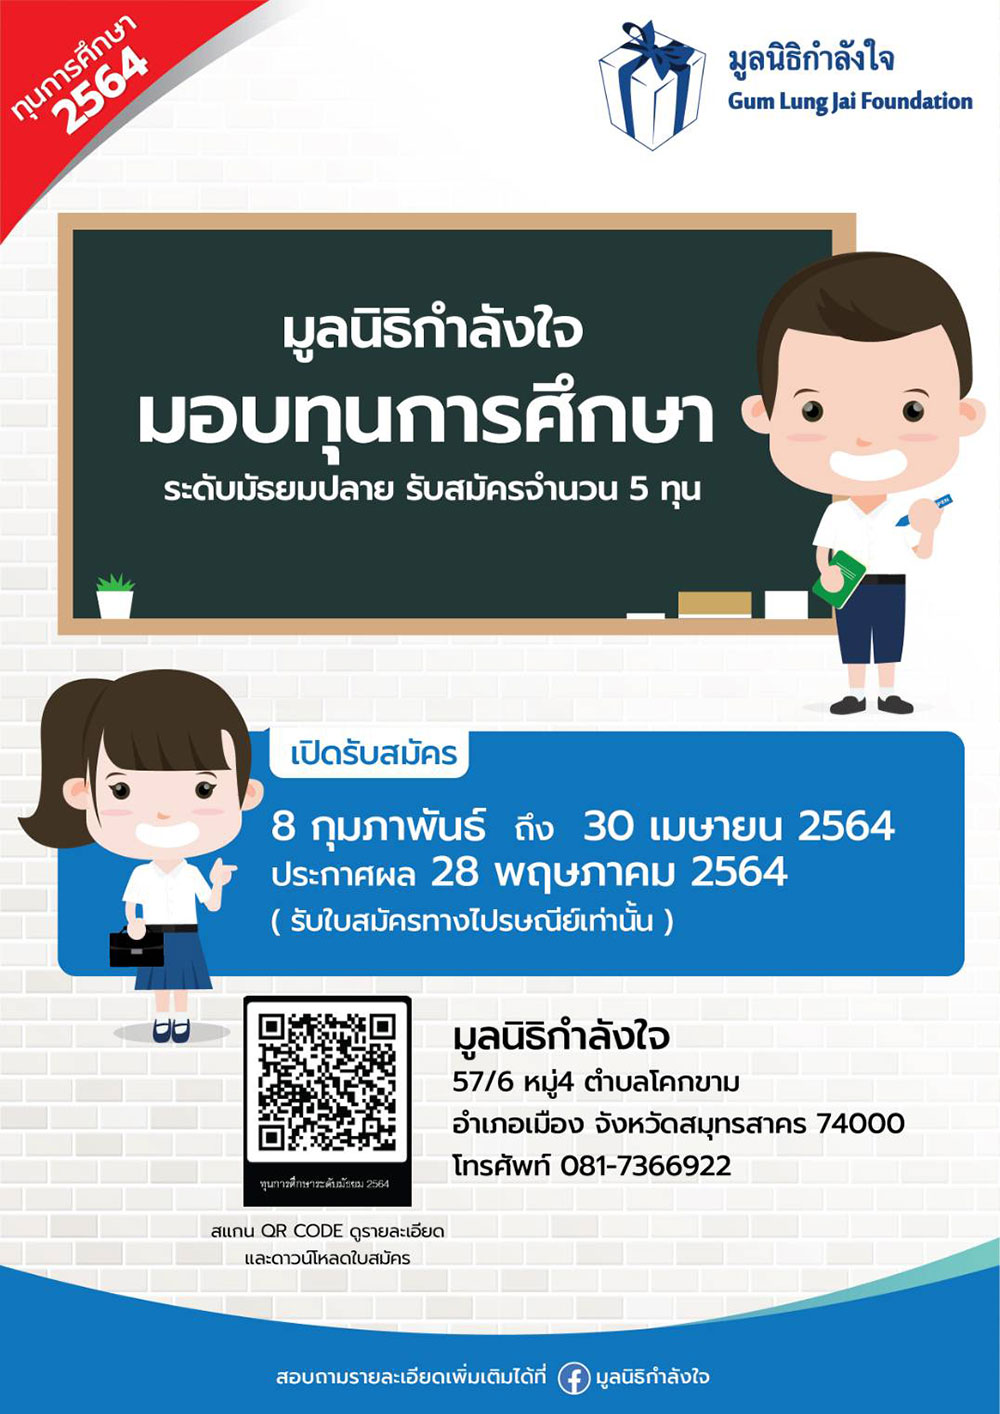 มูลนิธิกำลังใจ เปิดรับขอสมัครทุนการศึกษา ปี 2564